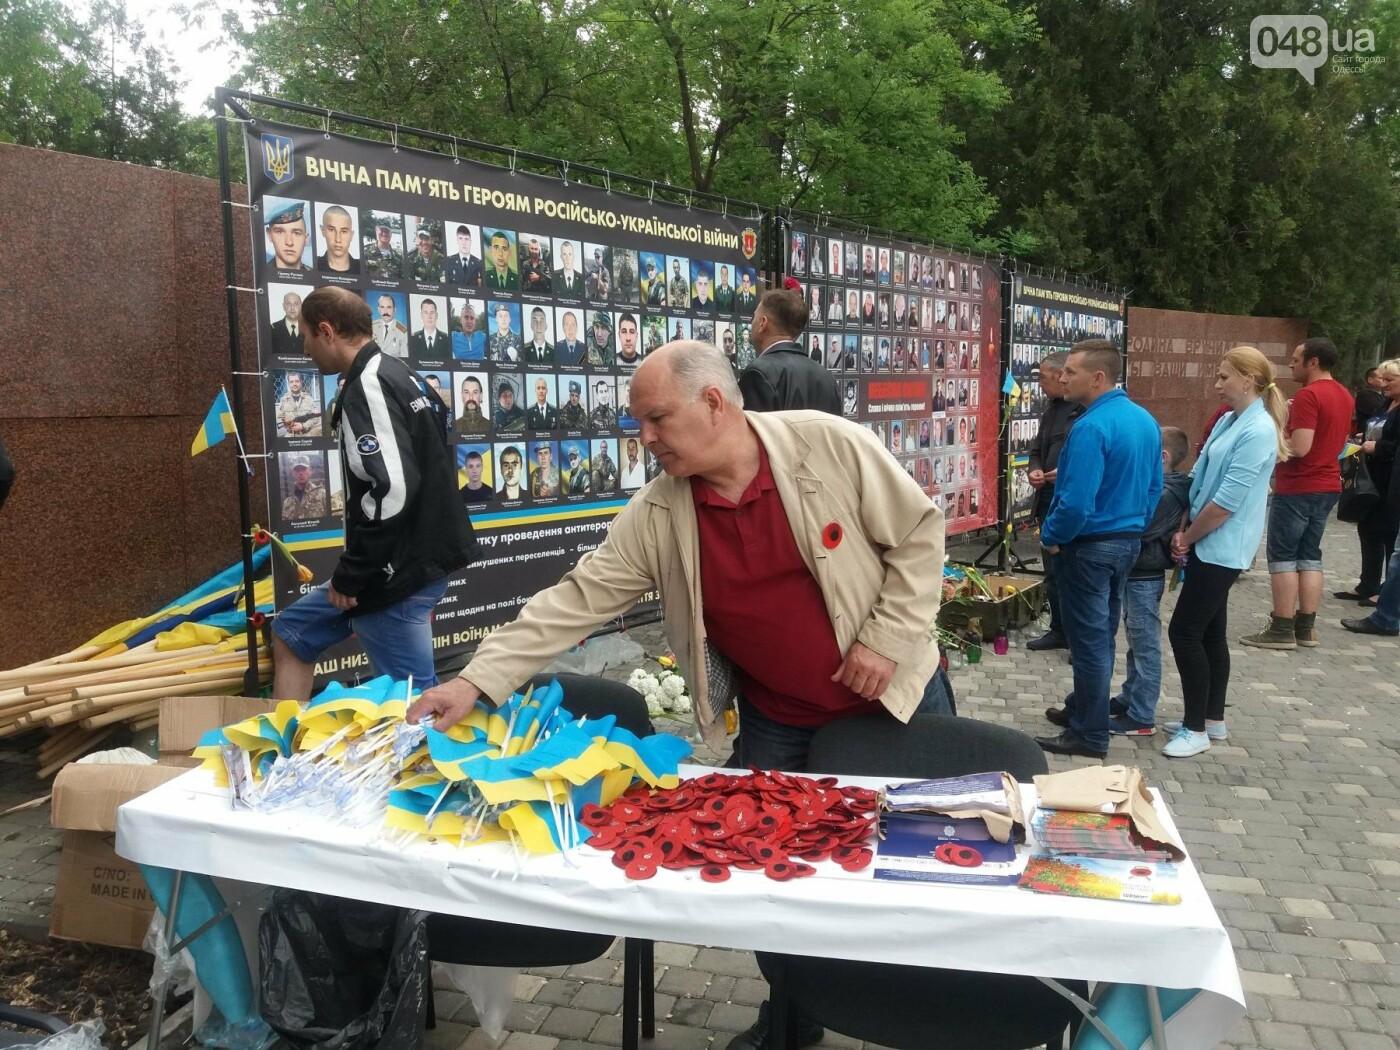 9 мая в Одессе: хронология событий и итоги, - ФОТО, ВИДЕО, фото-19